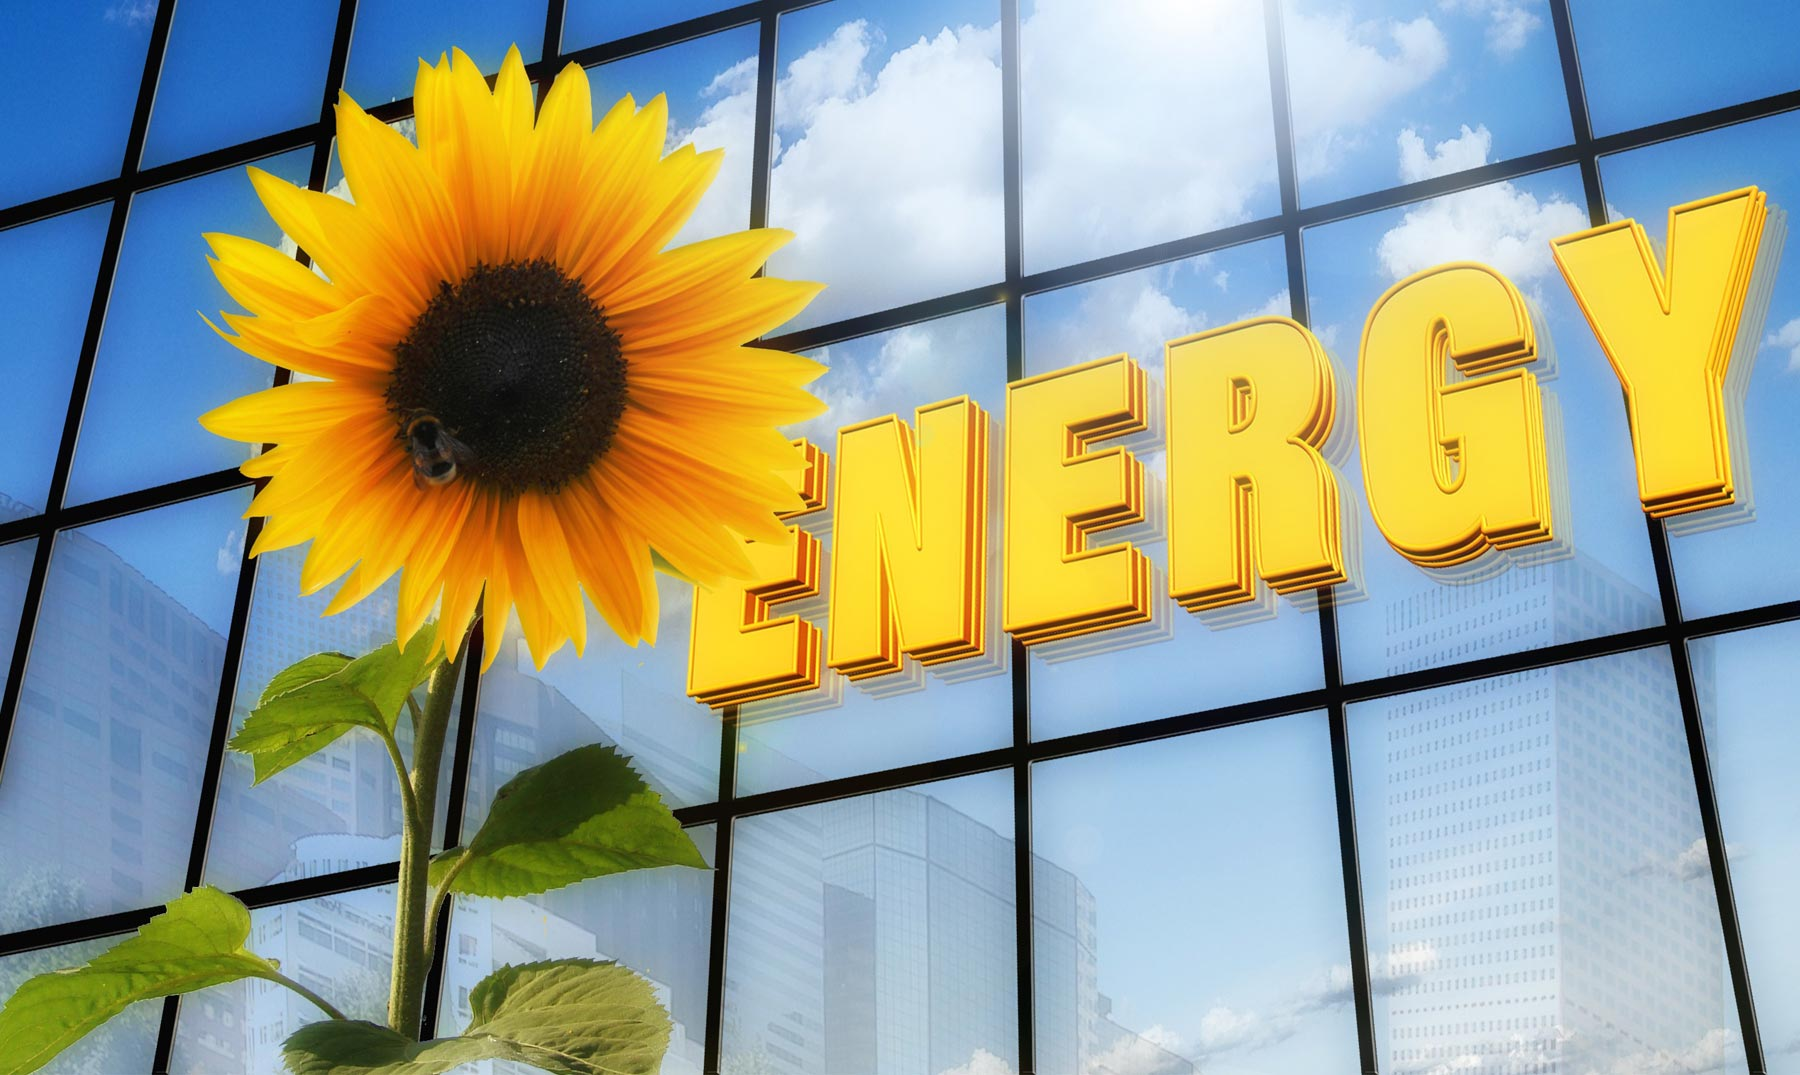 La celda solar más eficiente del mundo